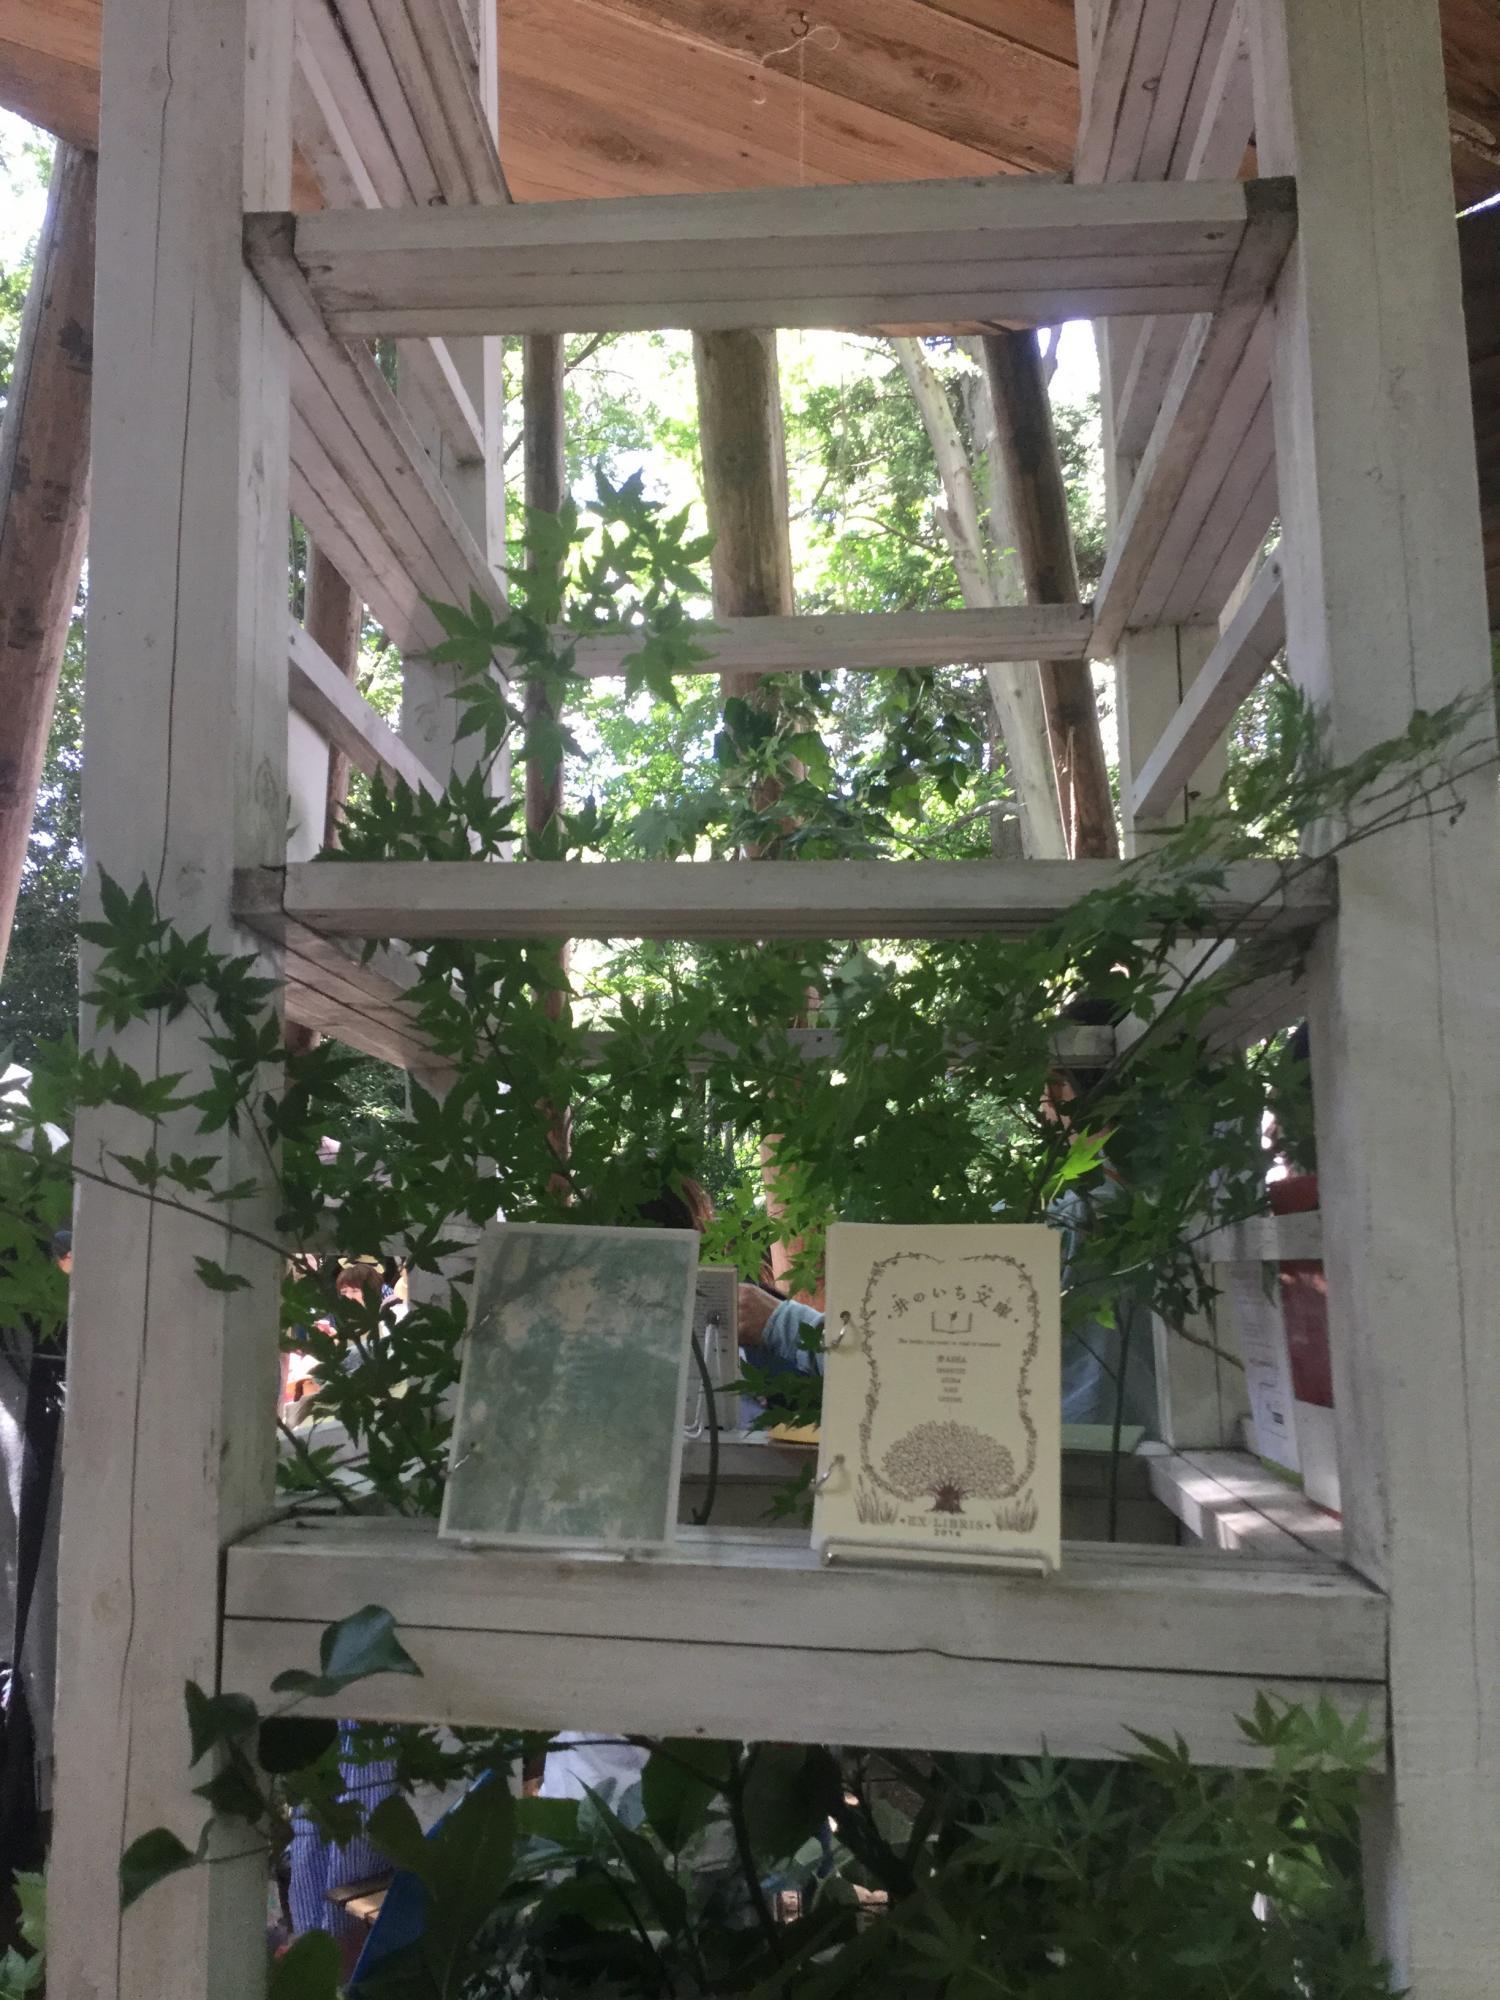 komorebino garden image